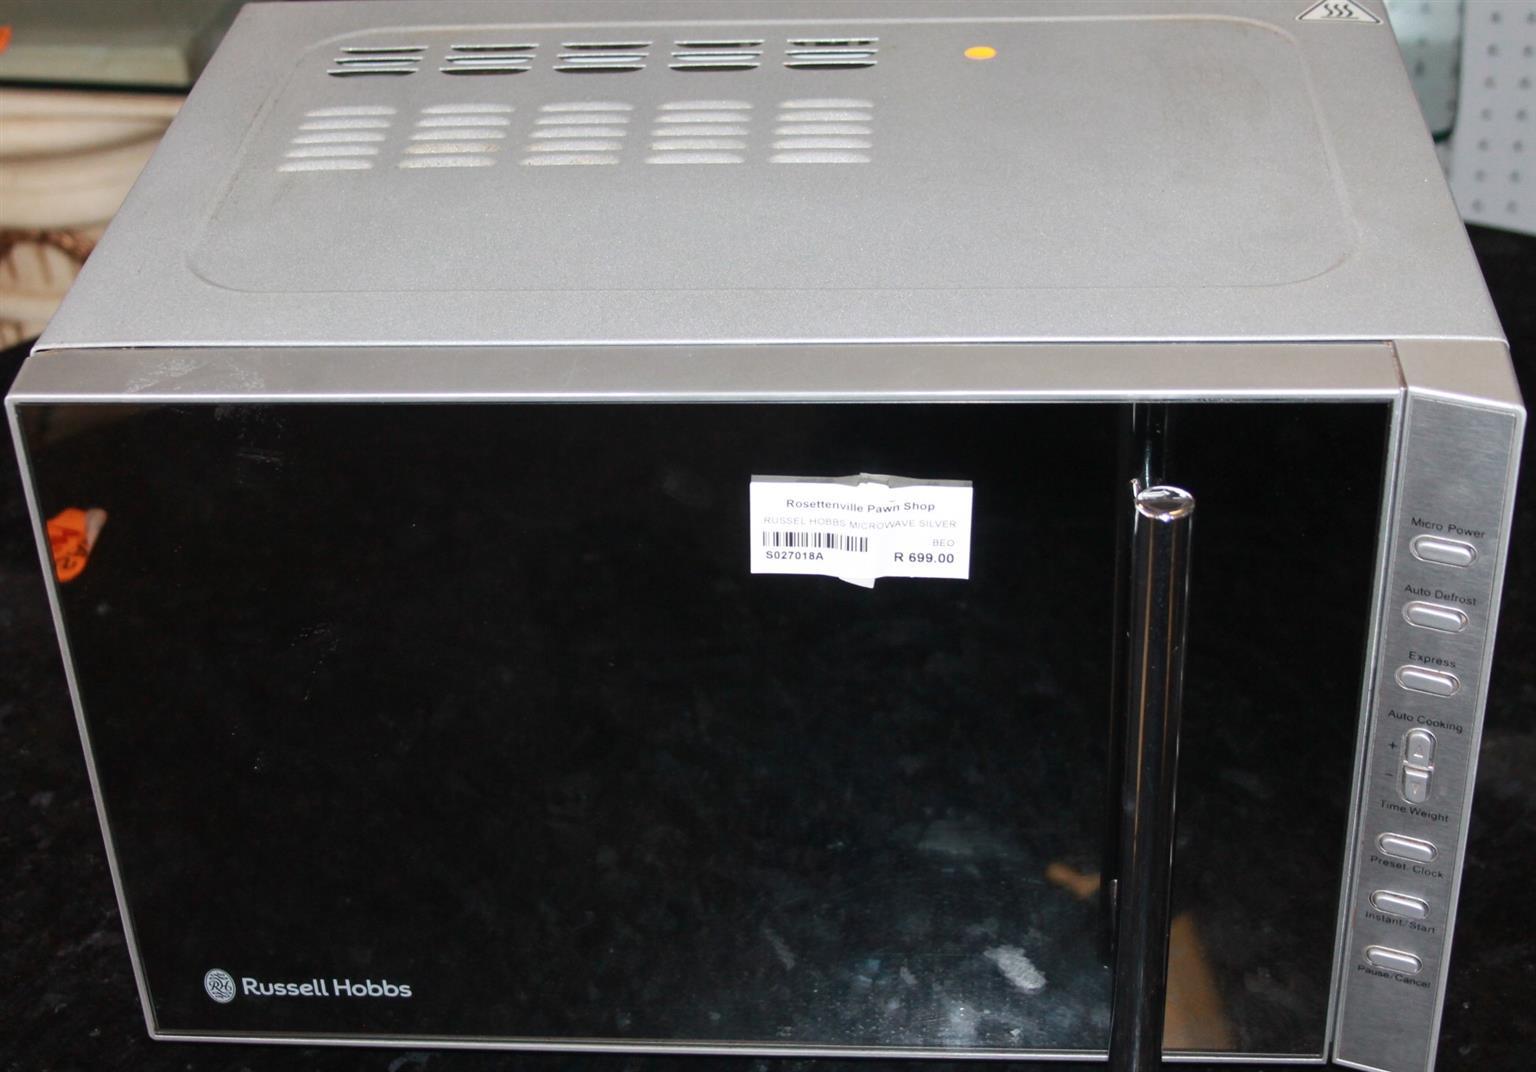 Russell hobbs microwave S027018a #Rosettenvillepawnshop